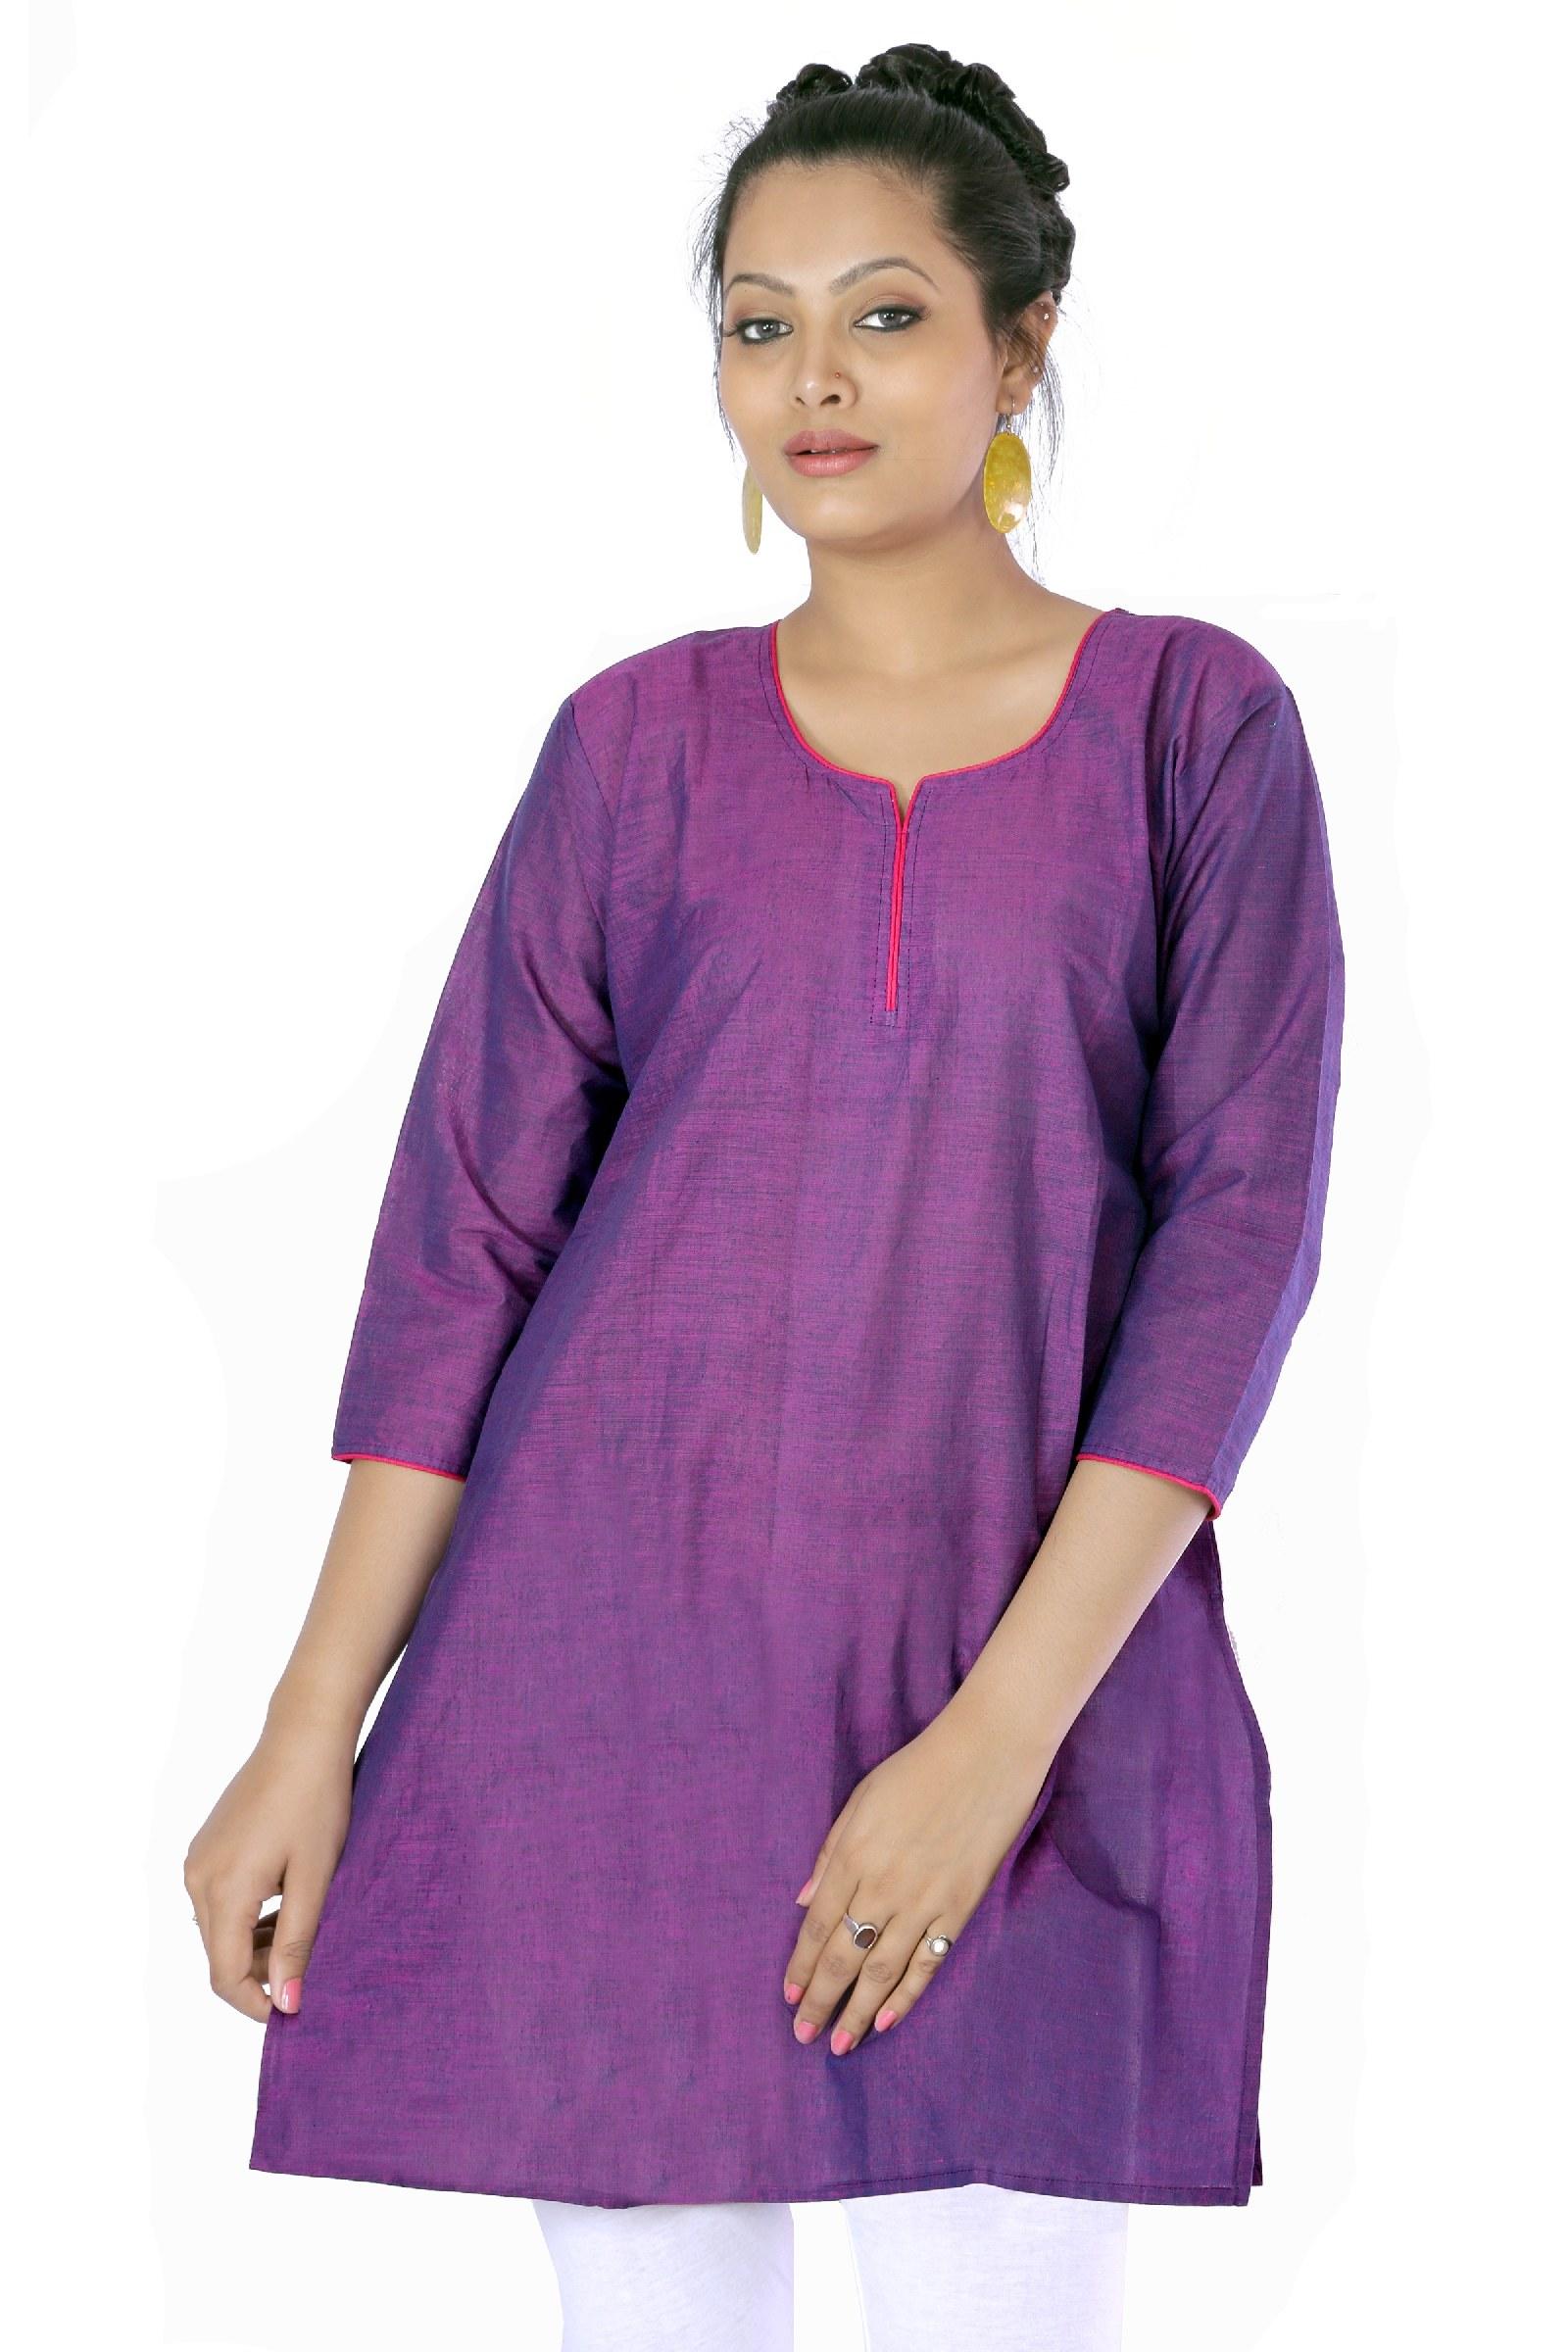 Office wear kurtis online shopping